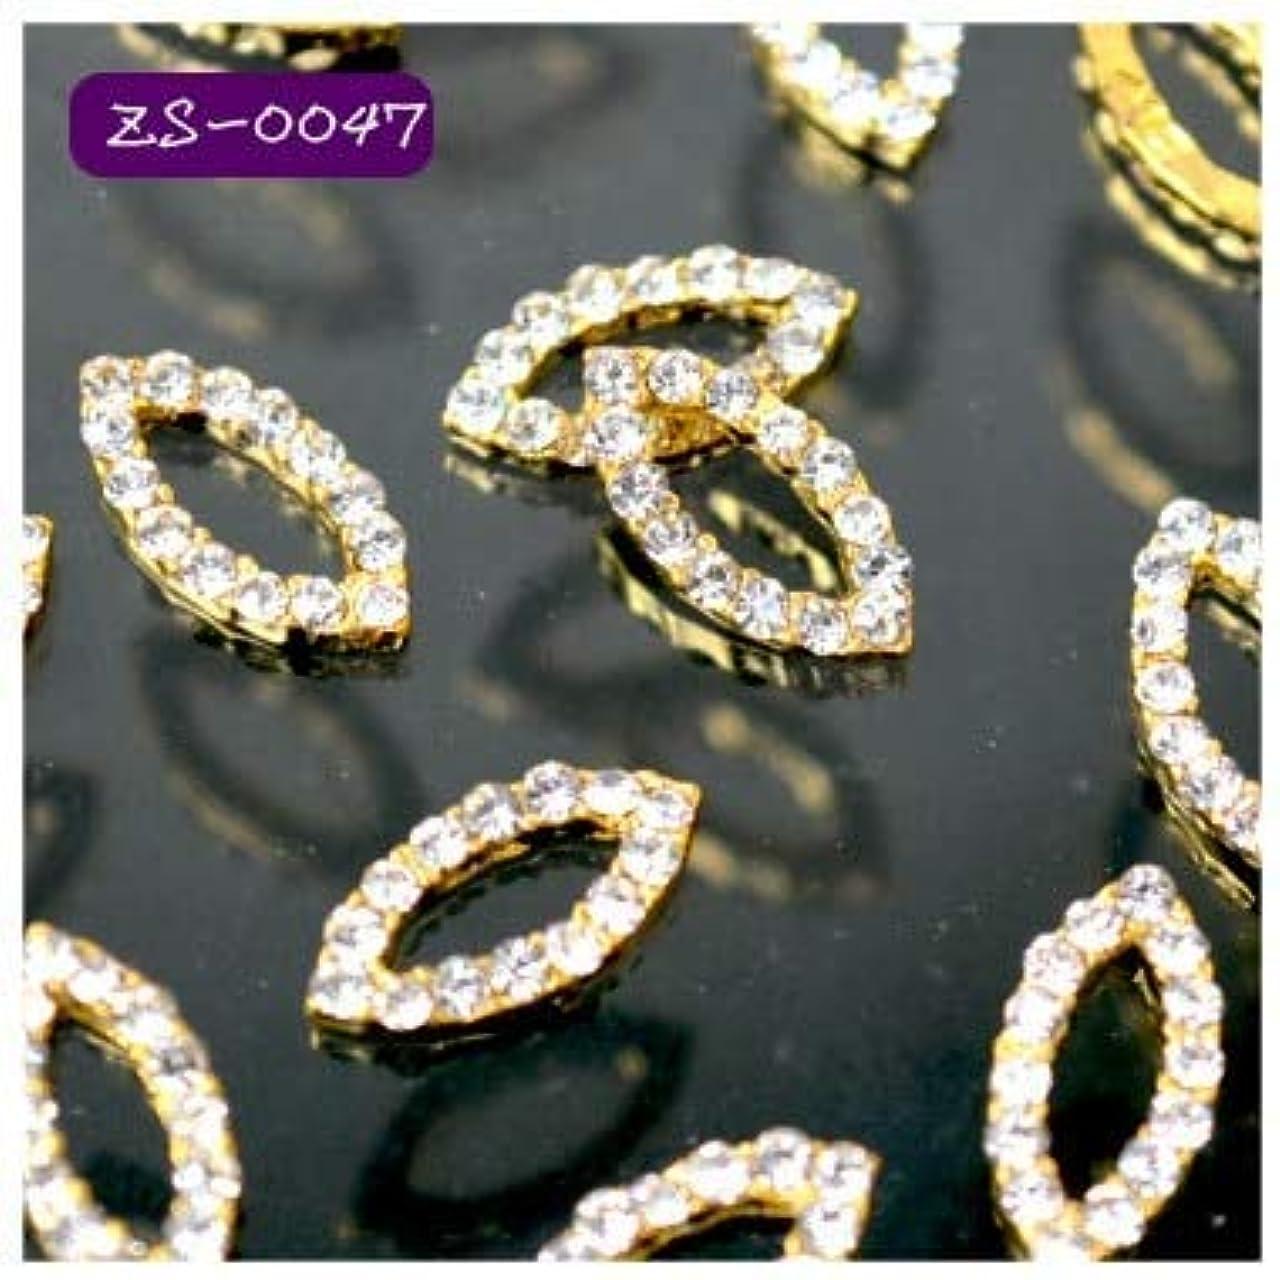 敬な小包劣るAiCheaX新しいファッション20ピース合金日本ネイルアート装飾クリア/ ABラインストーン幾何学的ネイルアートジュエリートレンドネイルアートチャーム-(色:ZS-0047)